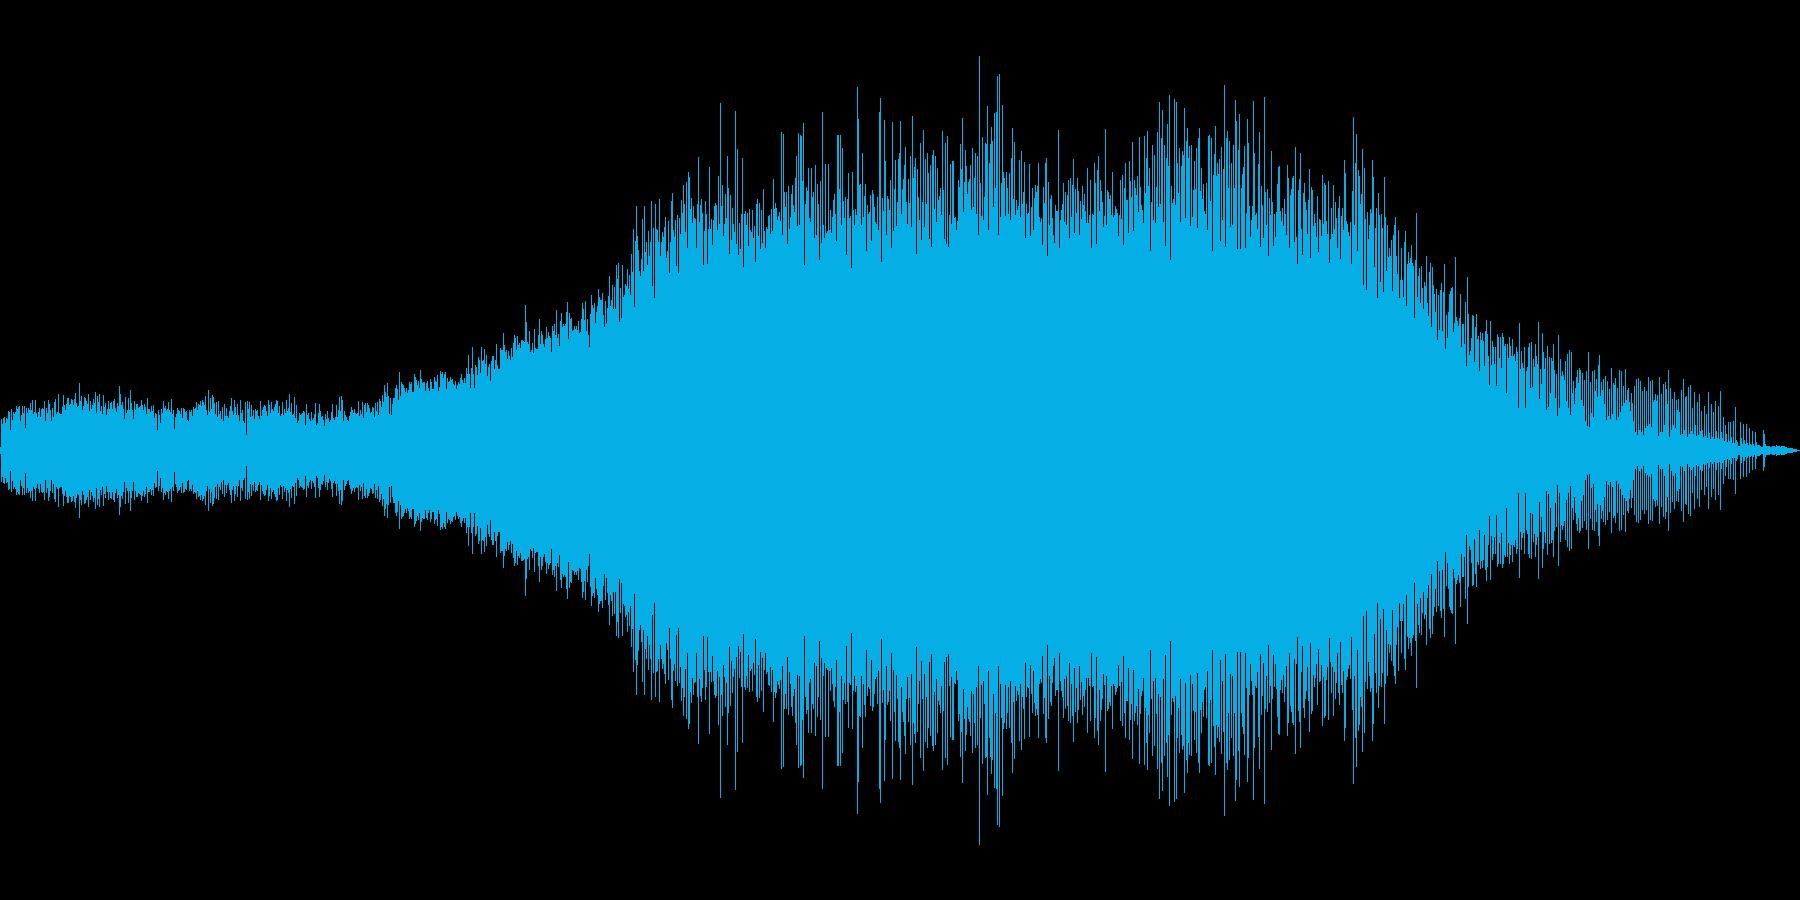 ミーン。約1分間の蝉の鳴き声の再生済みの波形